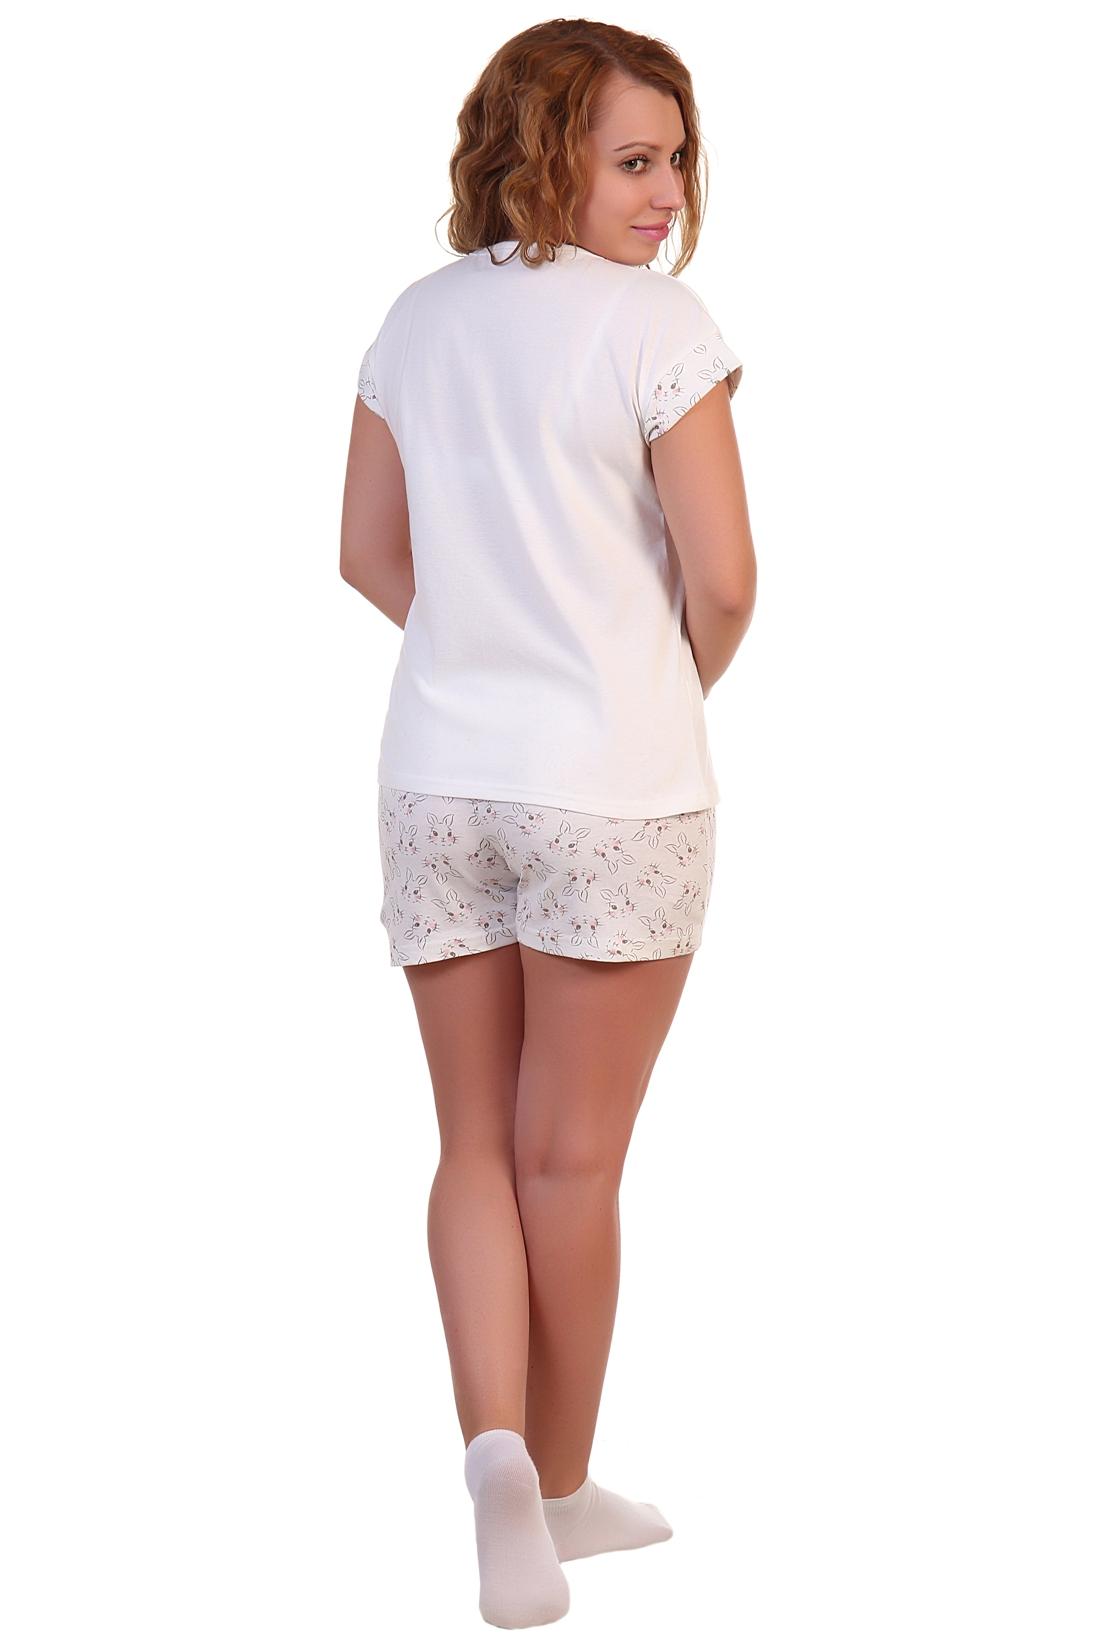 Жен. пижама арт. 16-0251 р. 54